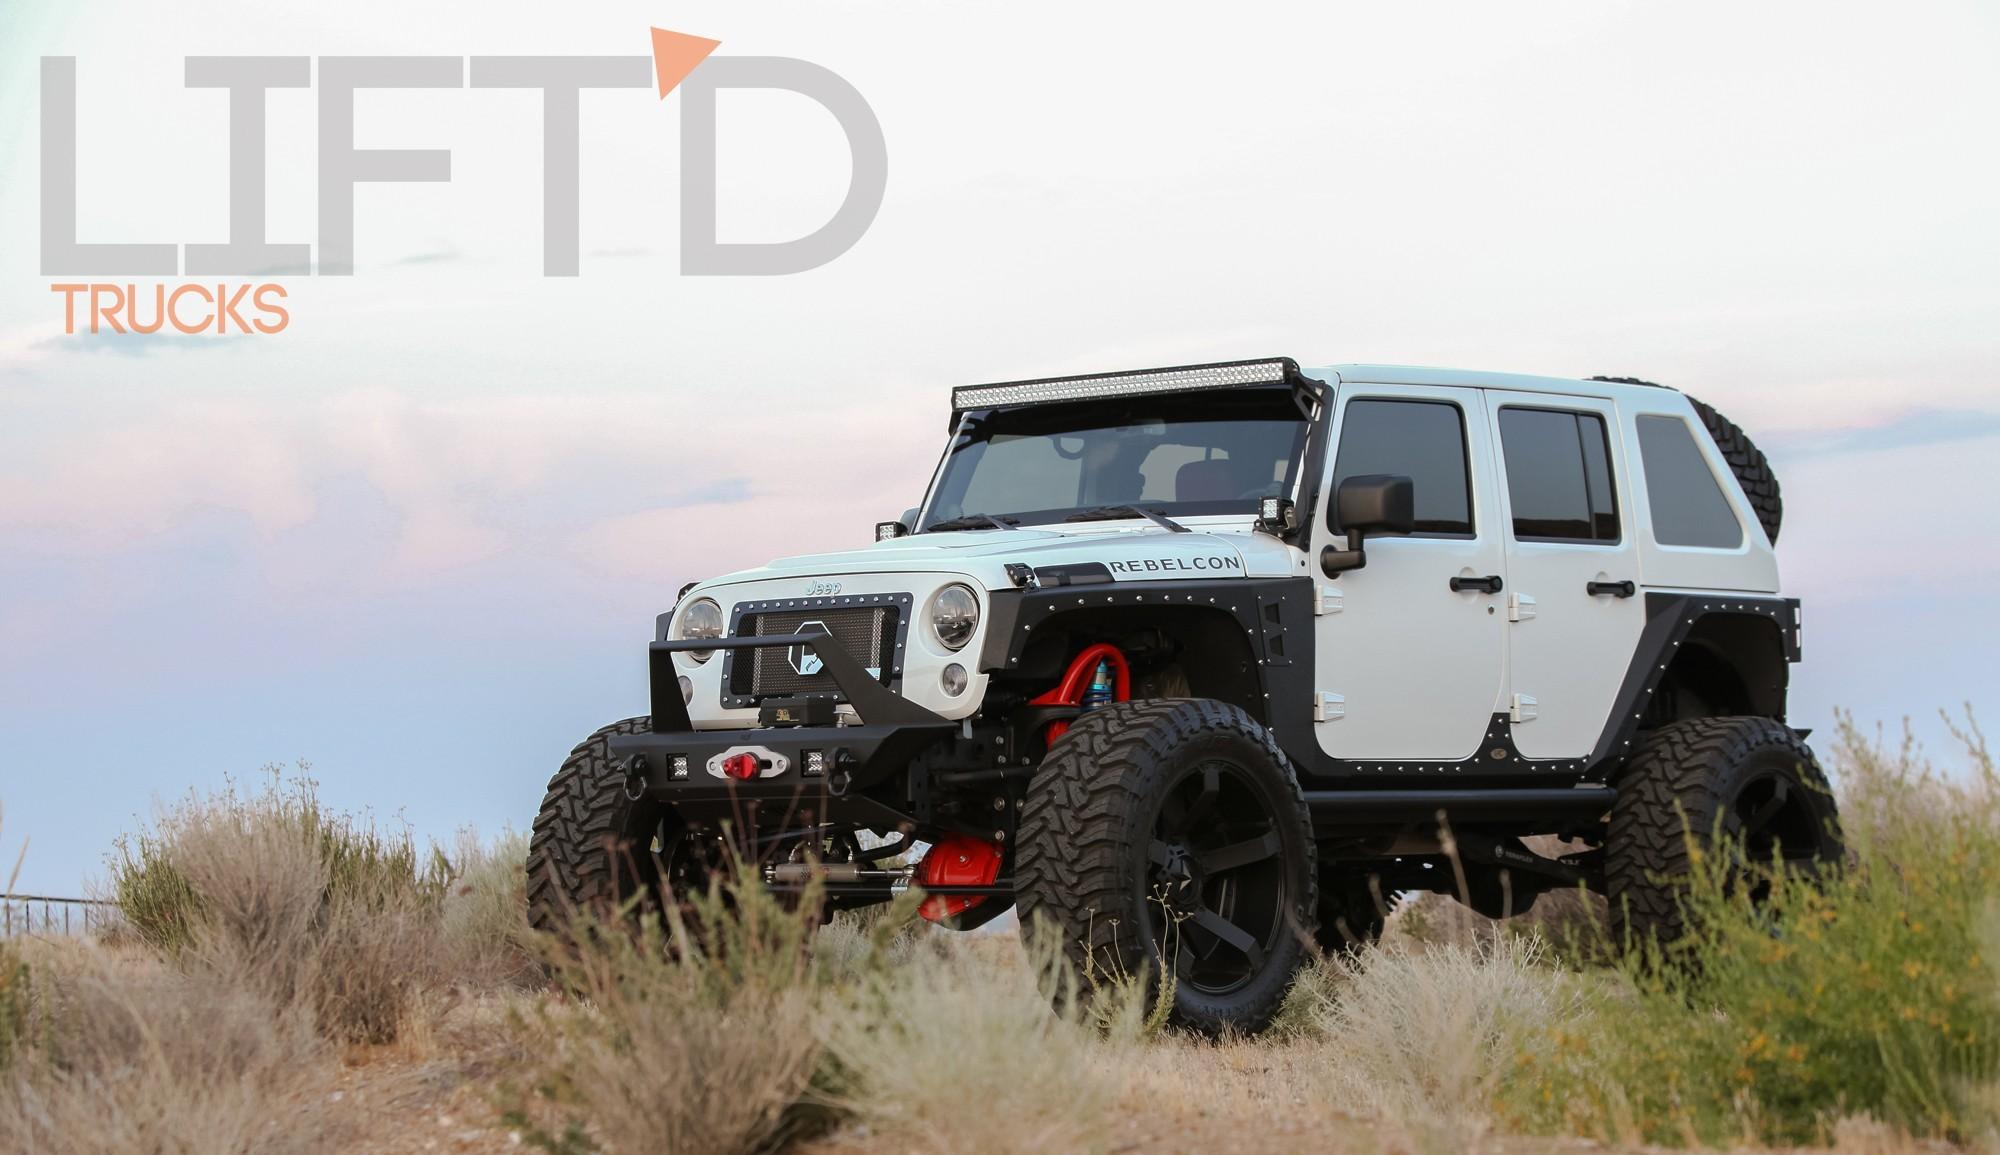 Liftd Jeep